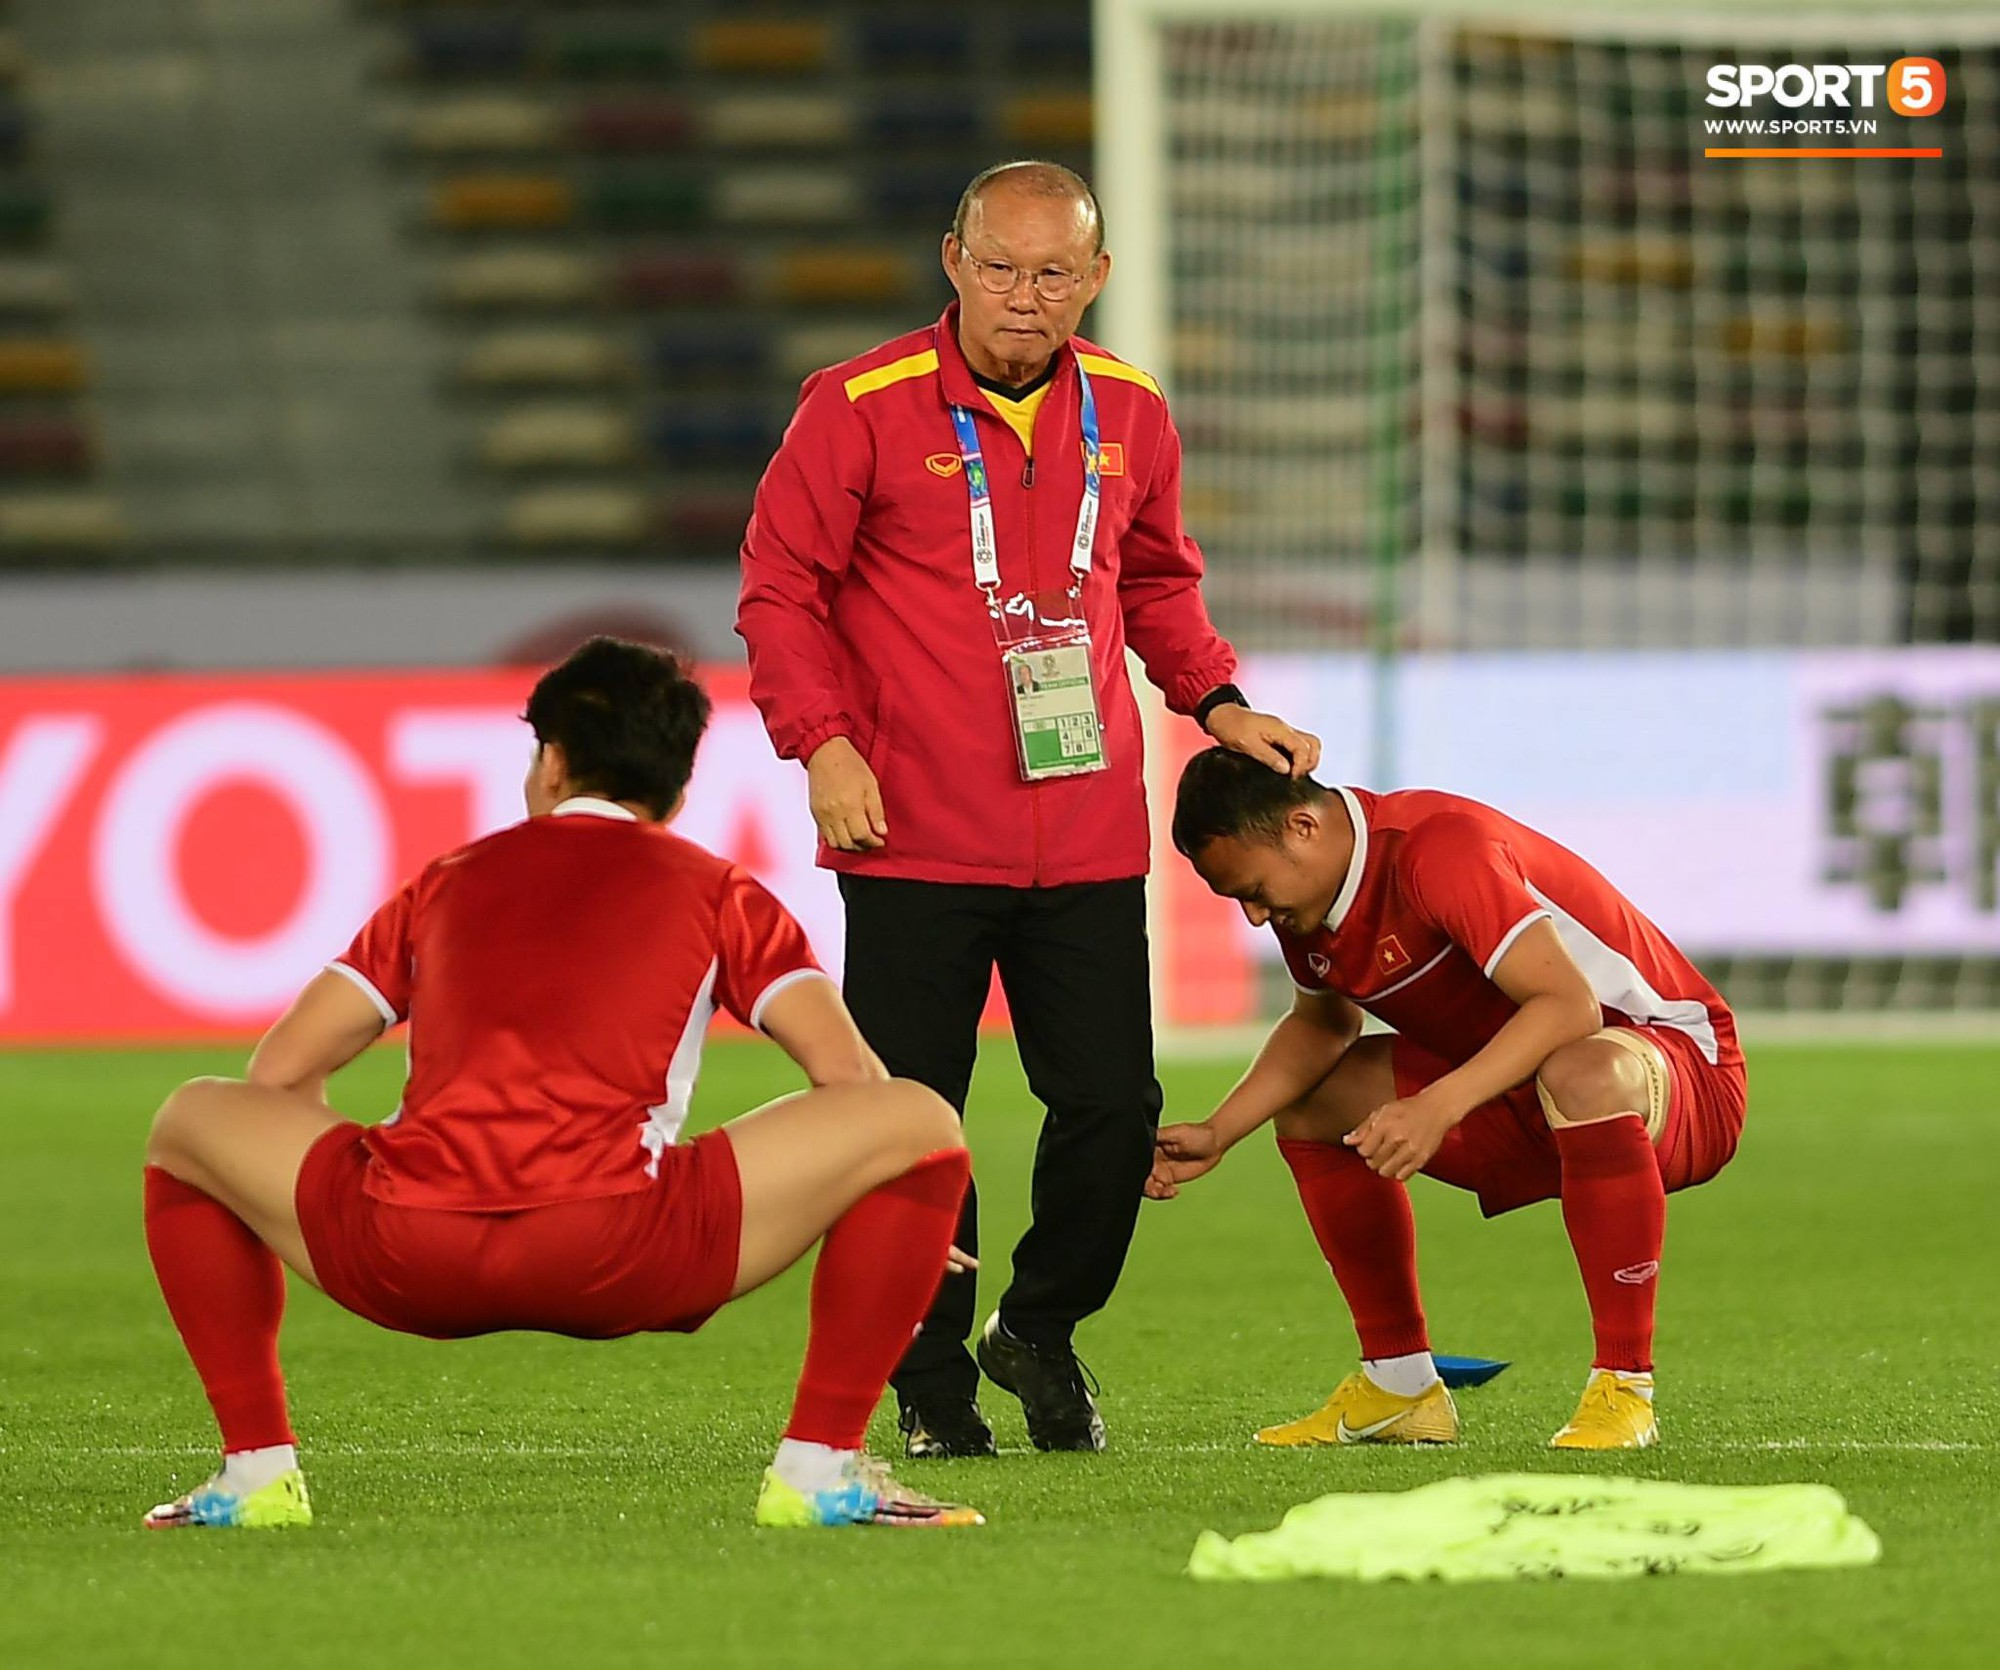 Công Phượng, Văn Hậu cười tít mắt trên sân đấu đẹp như mơ tại UAE - Ảnh 2.